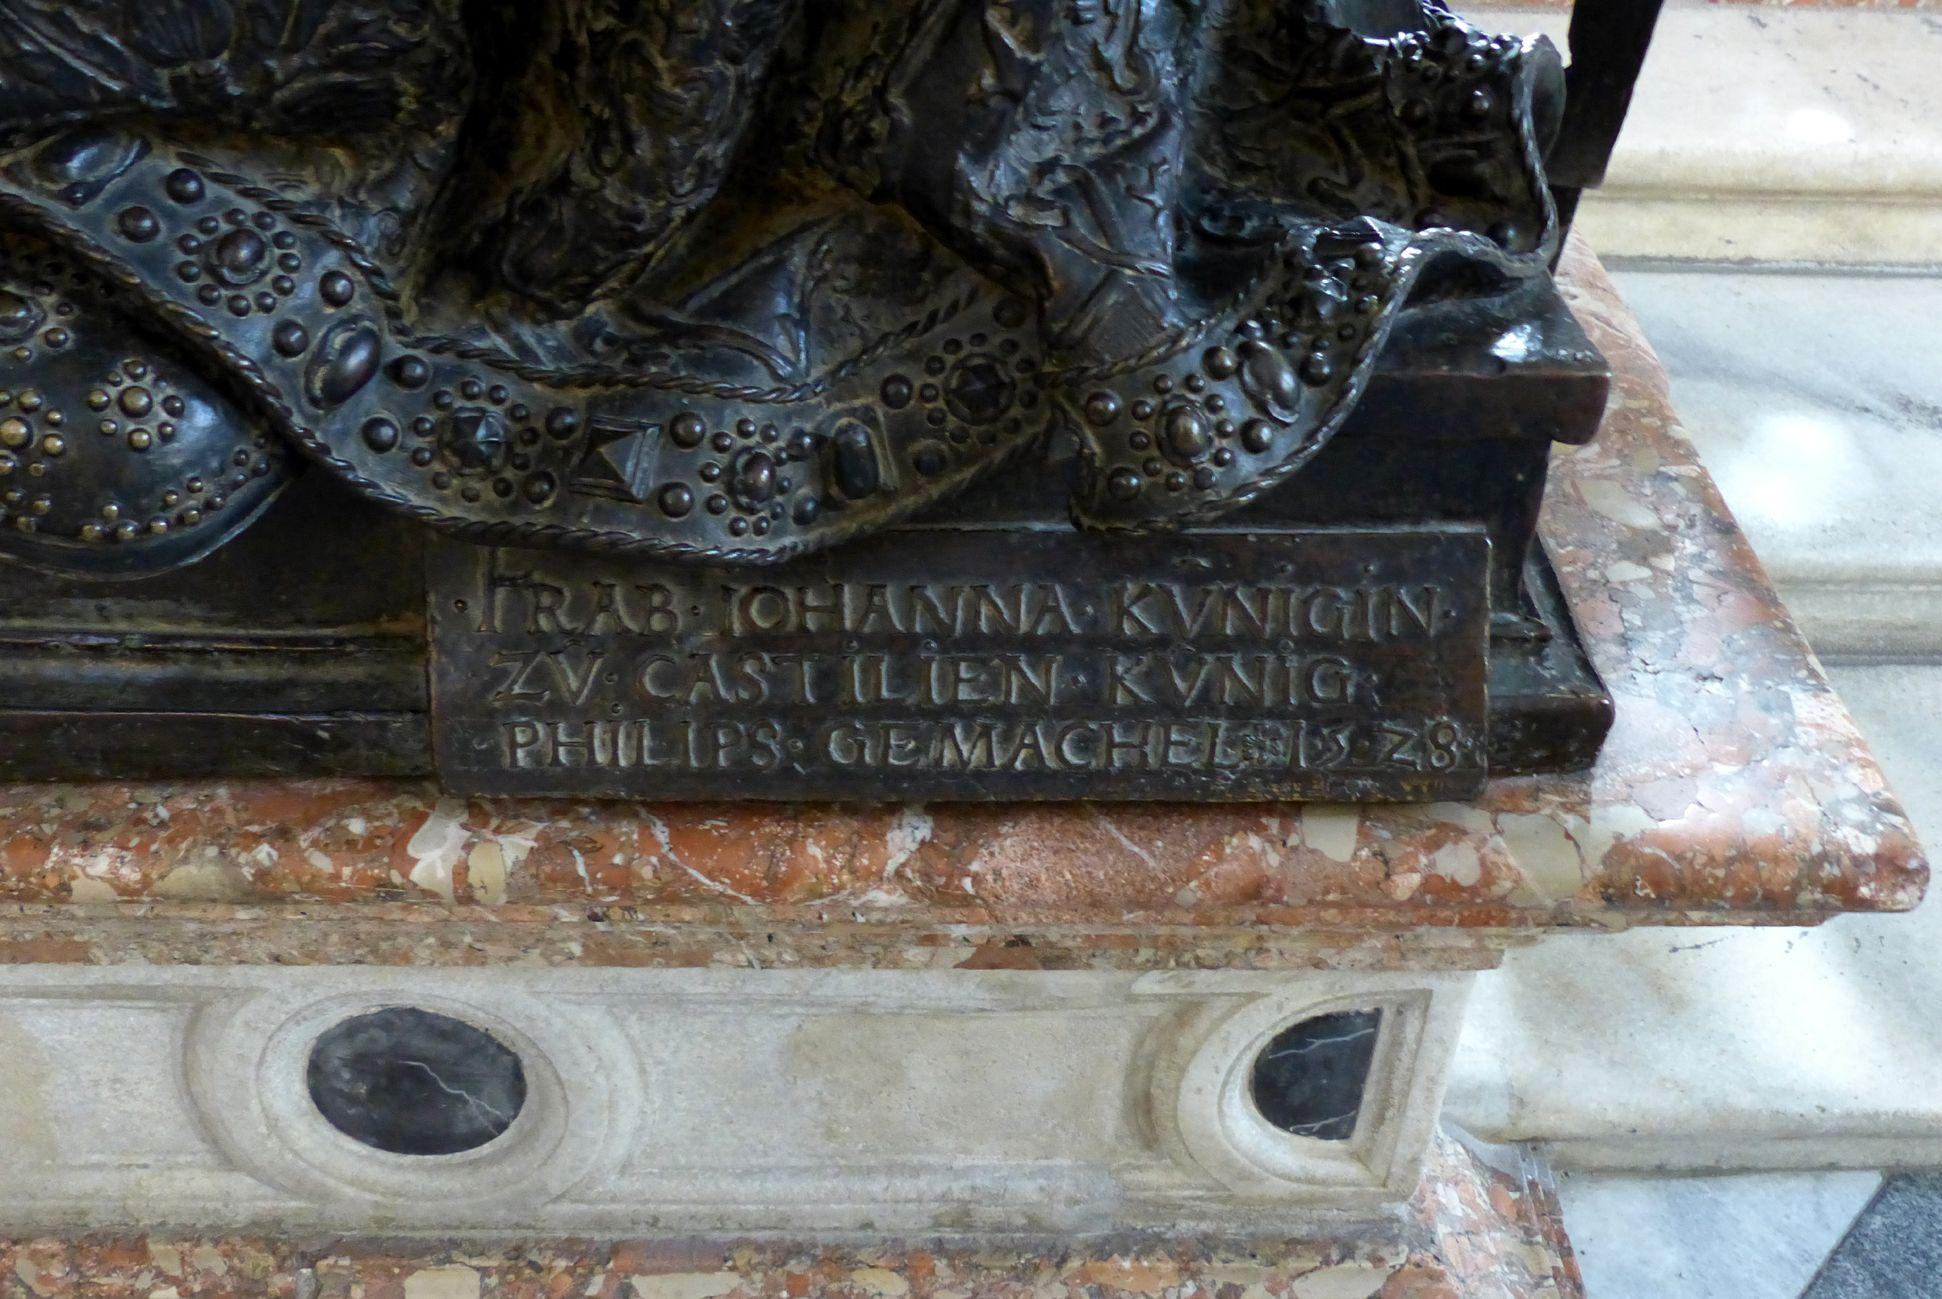 Johanna von Kastilien (Innsbruck) Sockel mit Inschrift:   FRAB . JOHANNA . KVNIGIN ./. ZV CASTILIEN . KVNIG ./. PHILIPS . GEMACHEL .1.5.2.8.